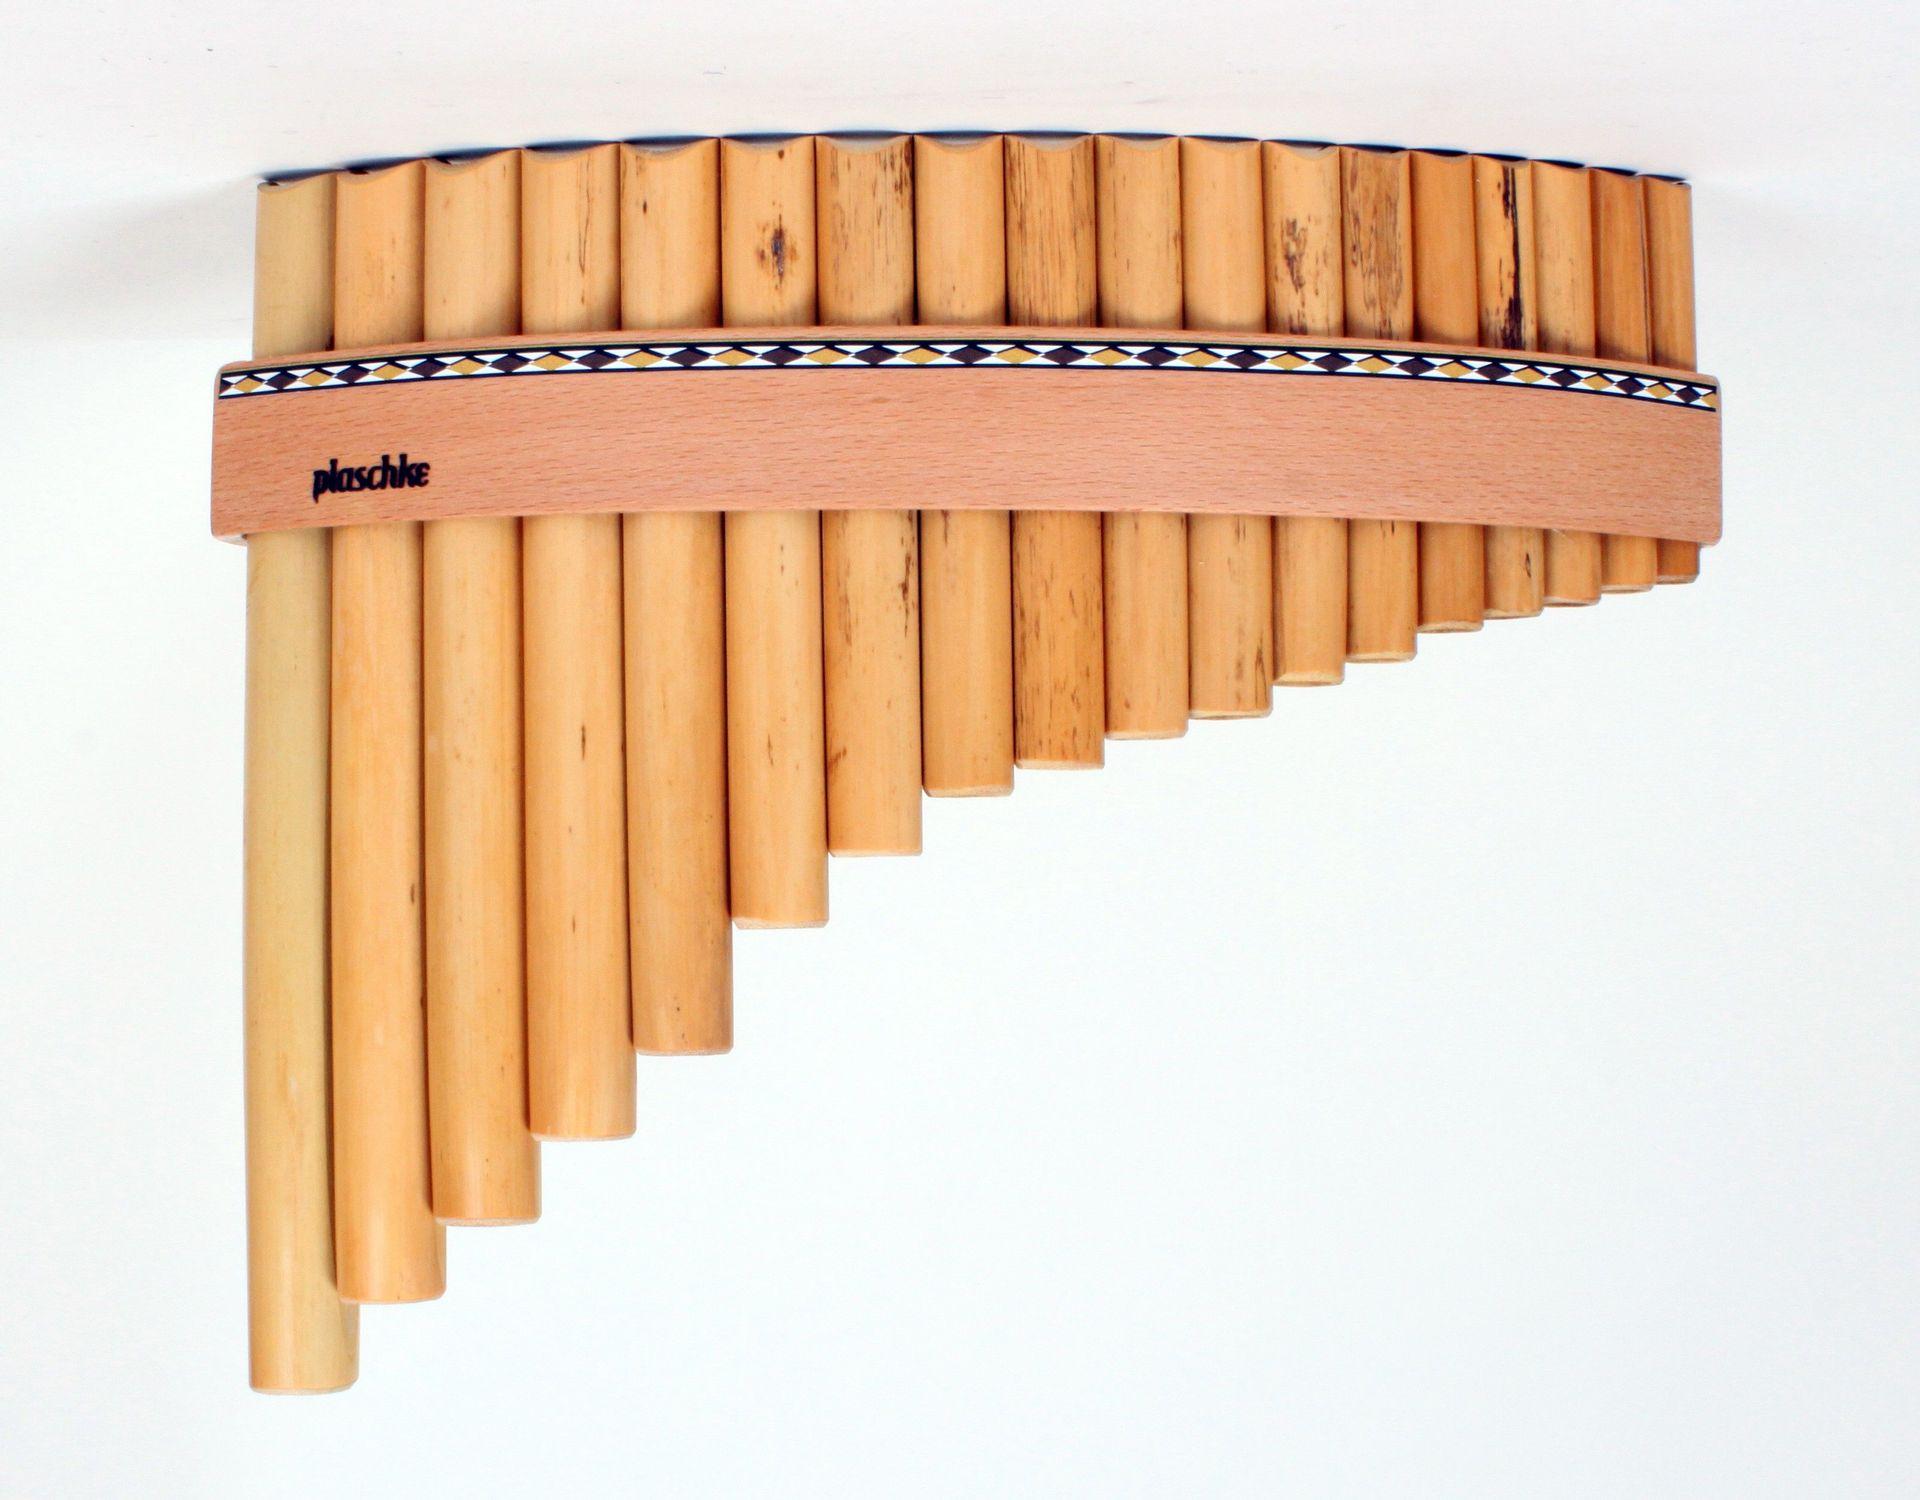 Plaschke R18 C Panflöte C-Dur / 18 Rohre Schilf, elektronisch gestimmt